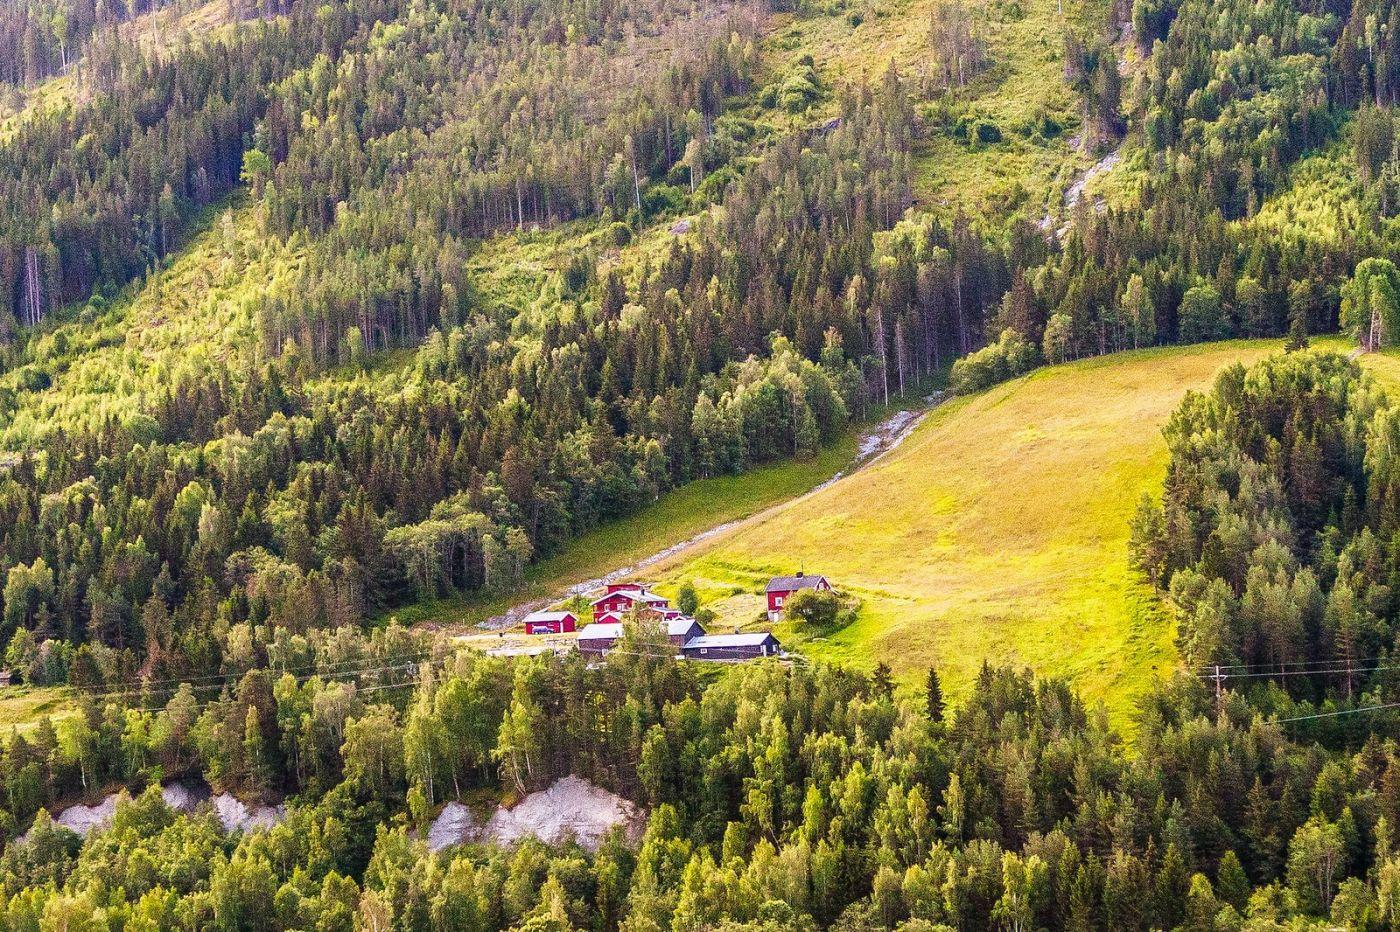 北欧风光,风景美如画_图1-40